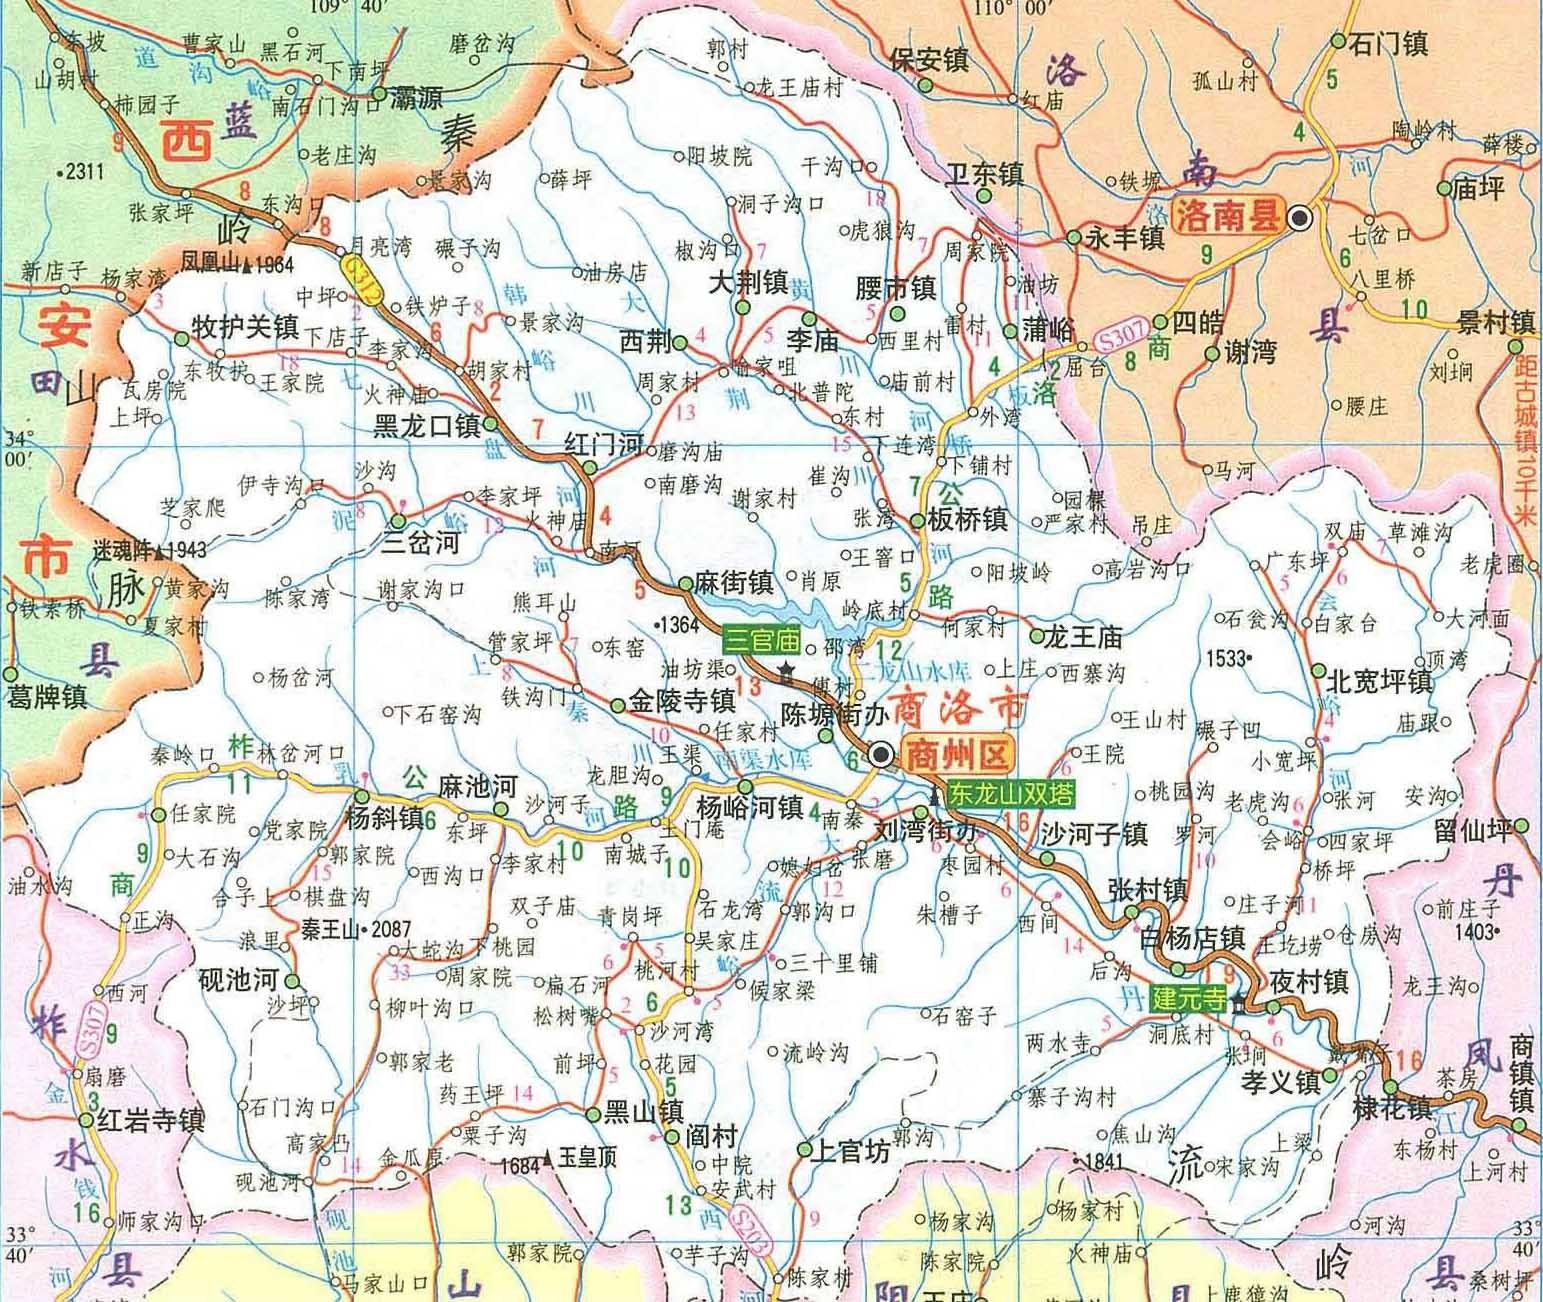 泗县黑塔镇地图